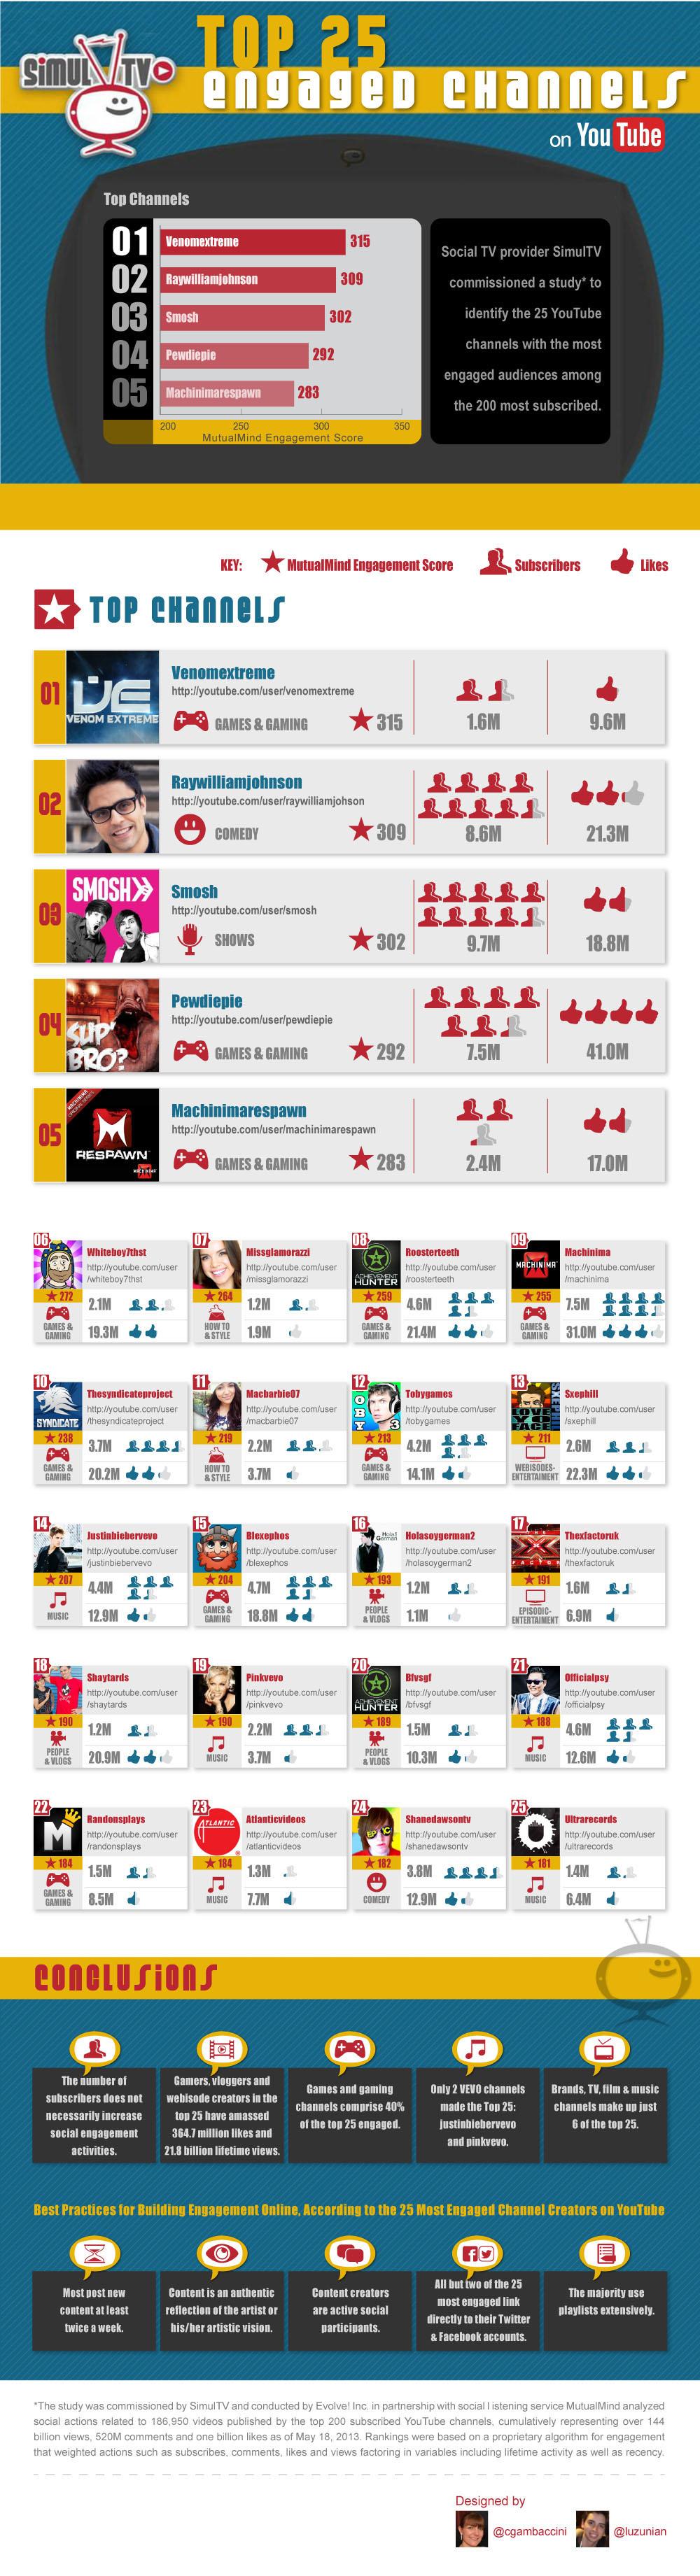 20121018-Top-25-SimulTV